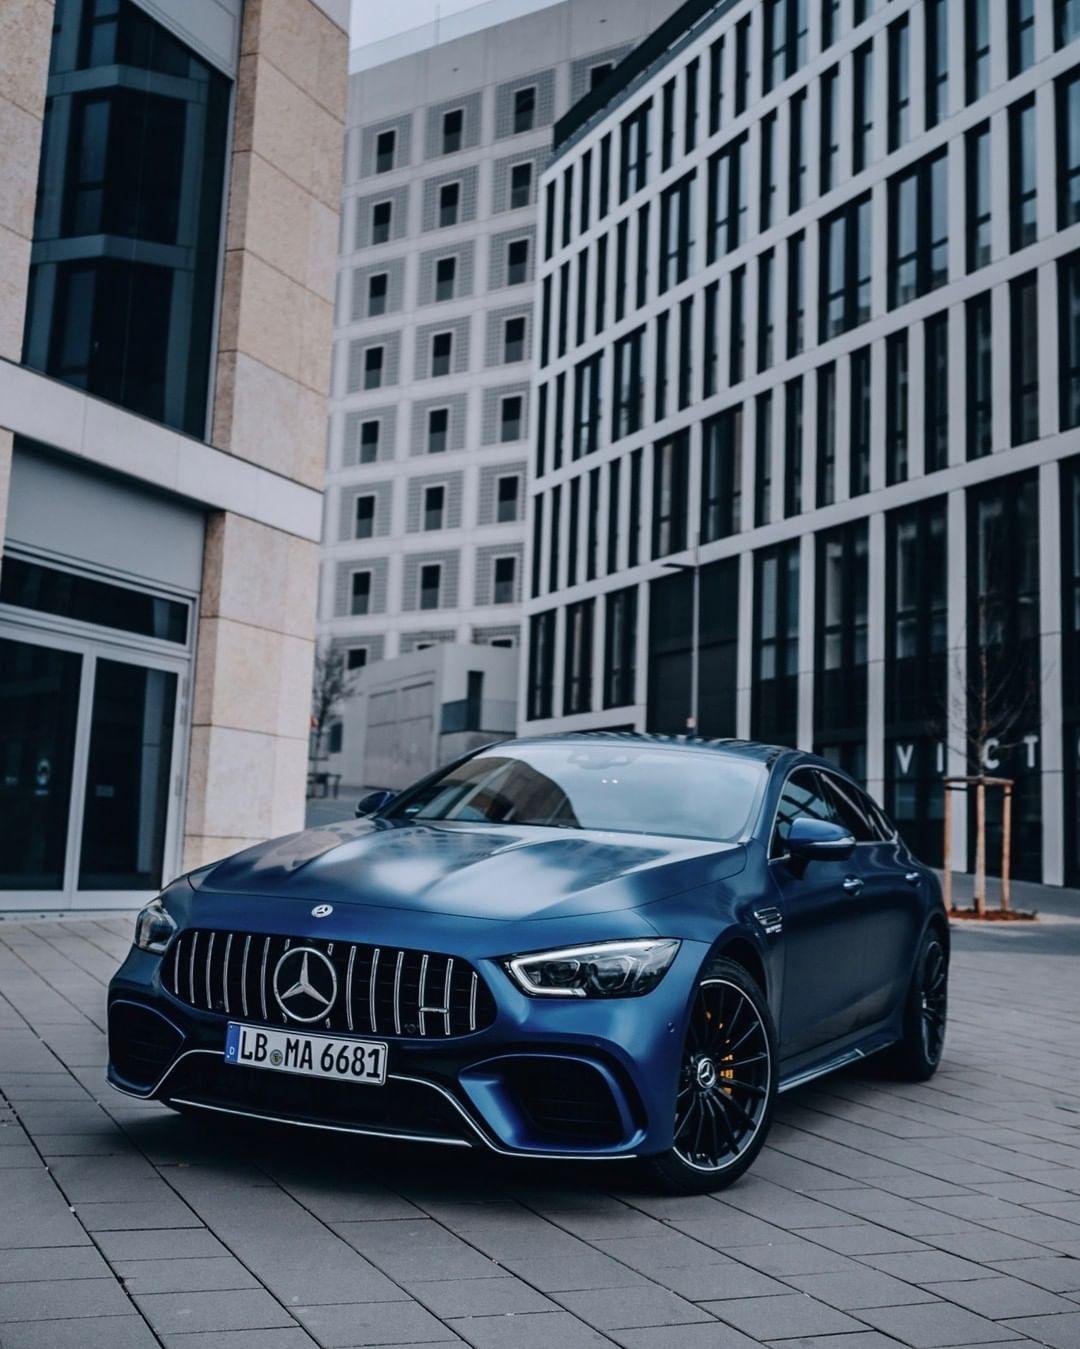 Mercedes Amg X290 Gt 63 S 4matic 4 Door Coupe Mercedes Amg Mercedes Car Mercedes Benz Models